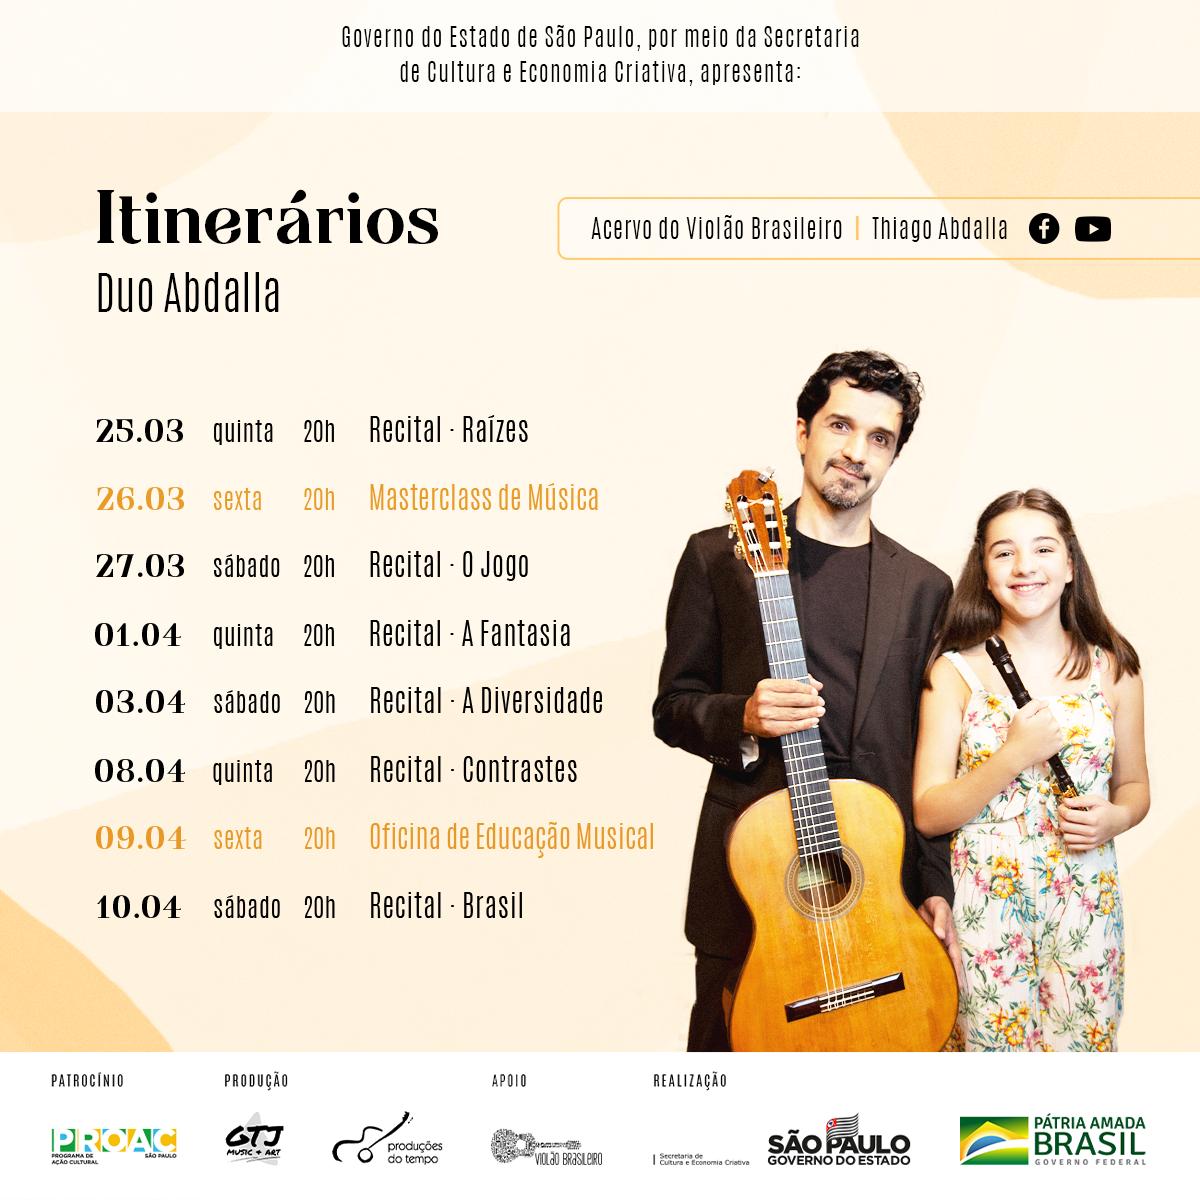 Duo Abdalla estreia a série Itinerários, com recitais online e masterclass de violão e flauta - banner divulgação